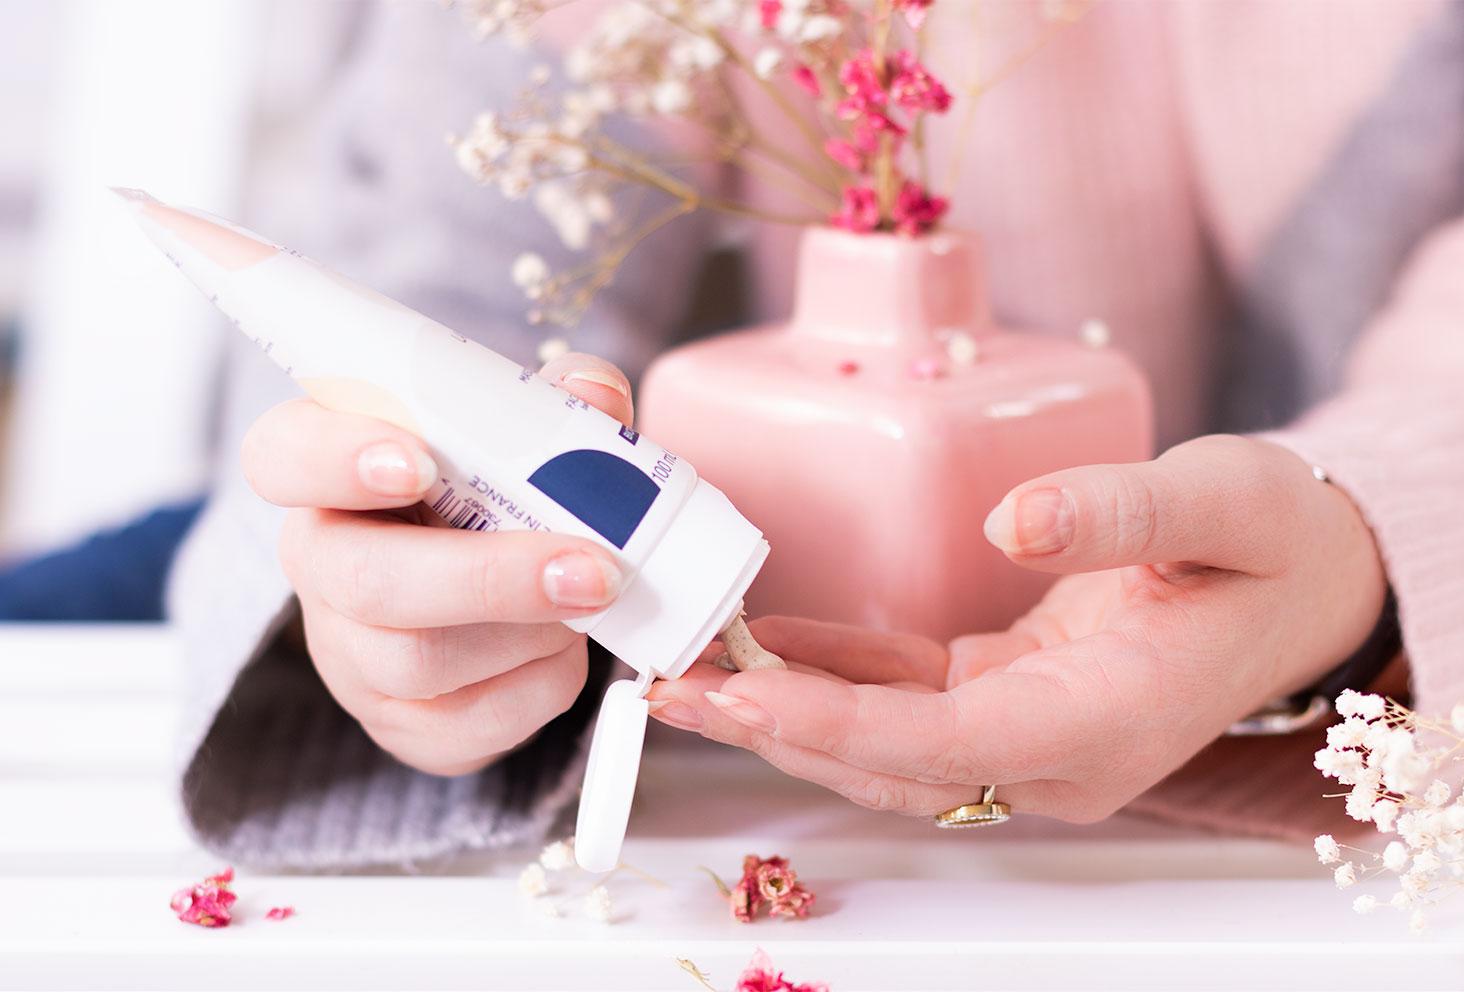 Utilisation du masque & gommage de Gallinée dans les mains, au dessus d'une étagère blanche devant le vase rose de fleurs sèches